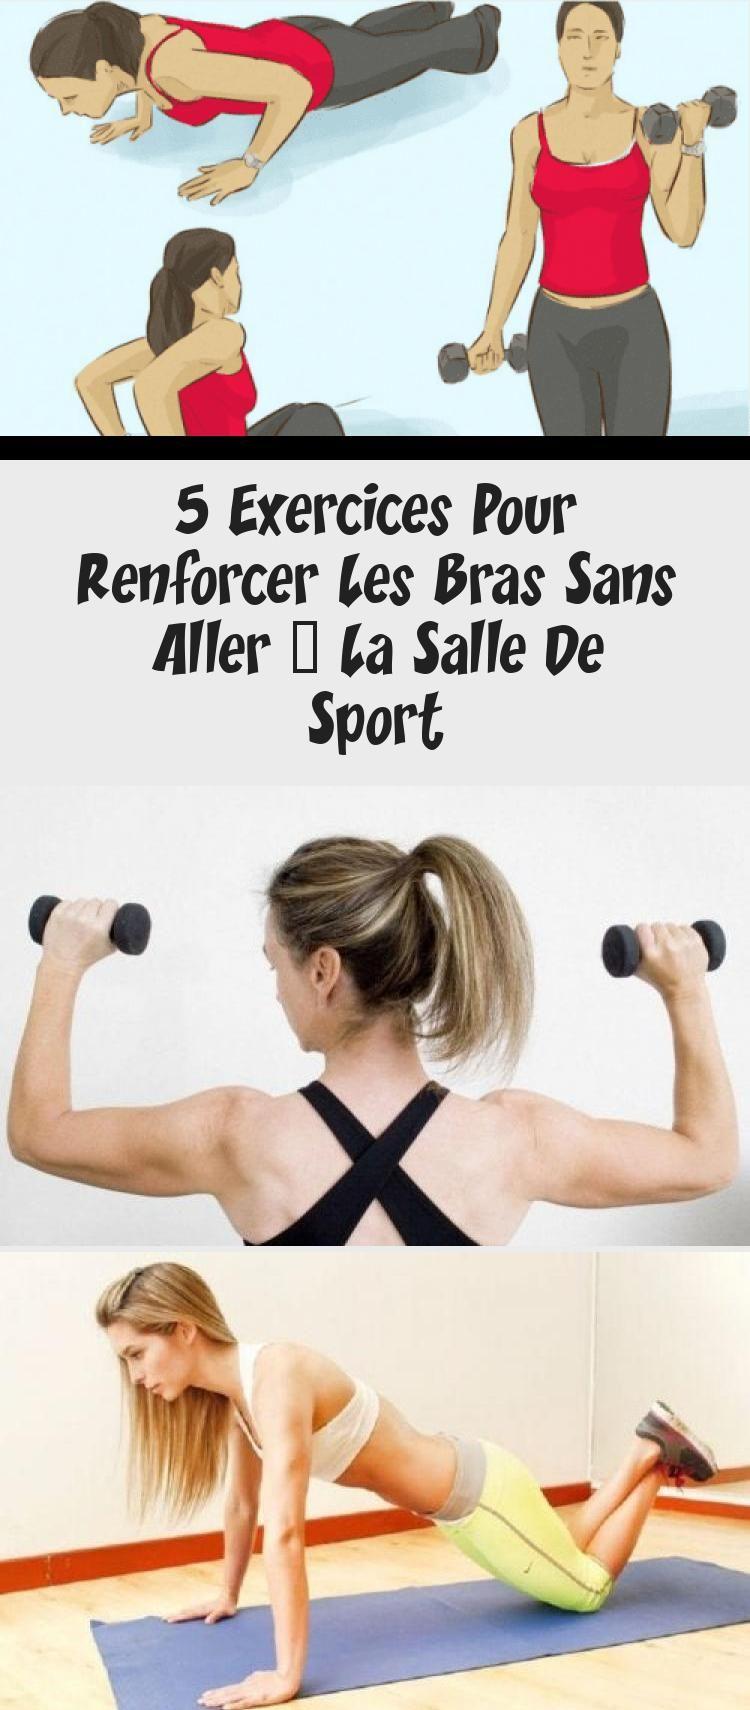 5 Exercices Pour Renforcer Les Bras Sans Aller A La Salle De Sport Meillereus Pins Biceps Muscle Physique